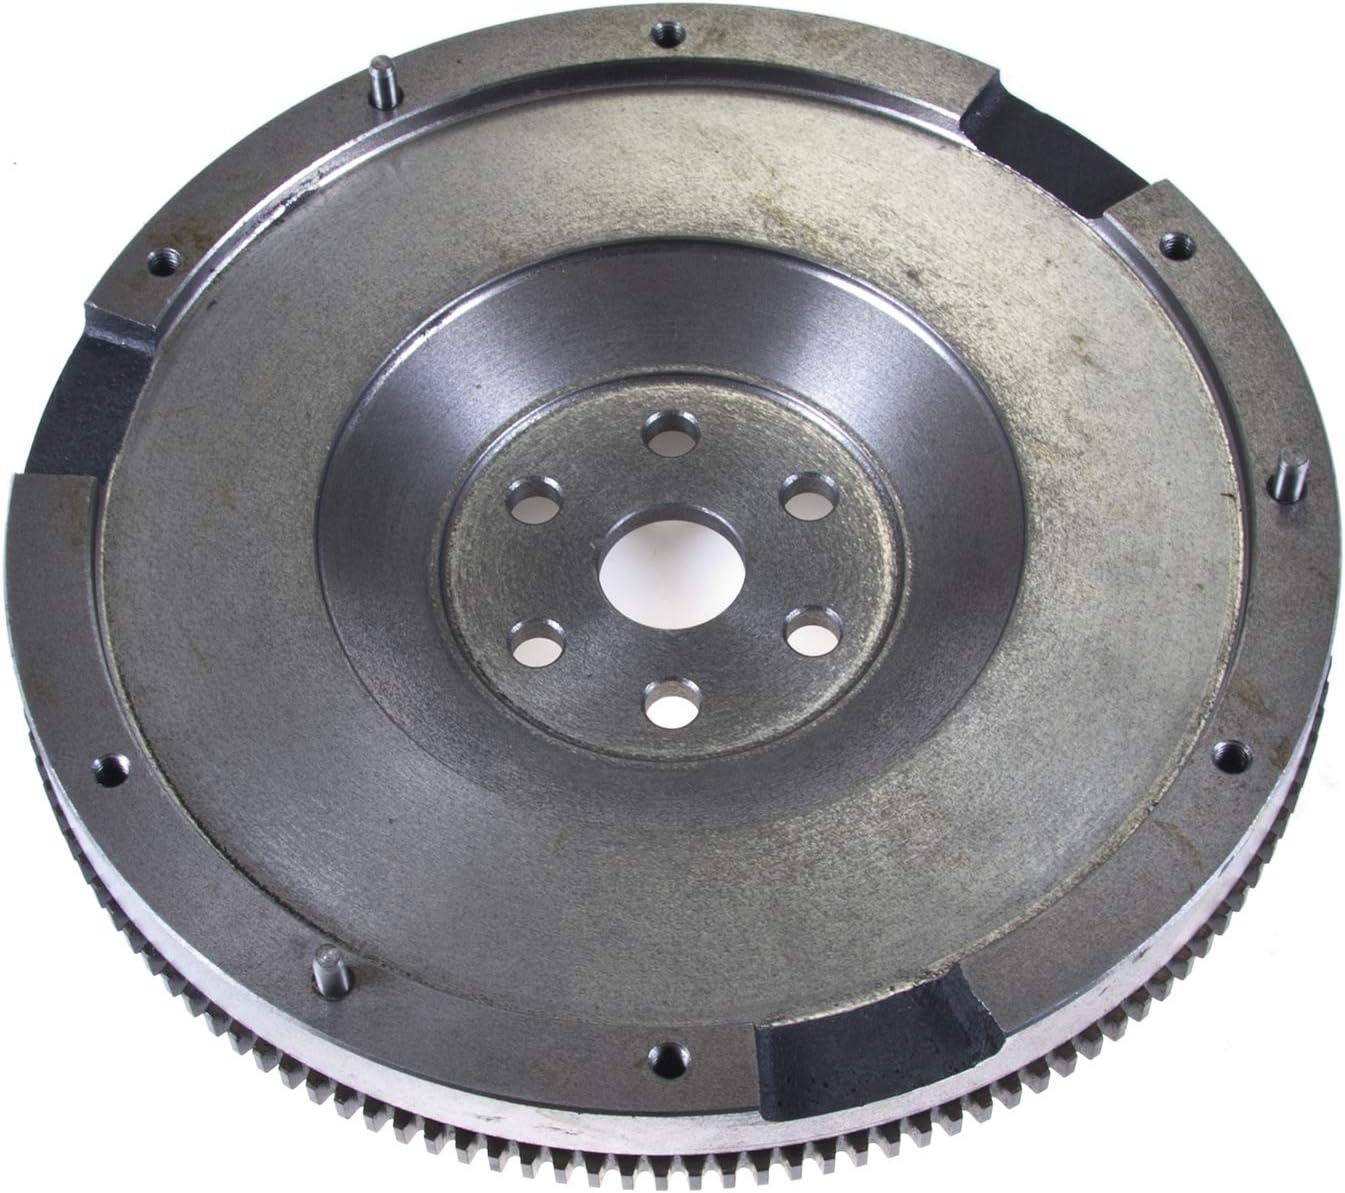 Schaeffler LuK Max 51% OFF LFW276 Topics on TV Flywheel Clutch RepSet OEM